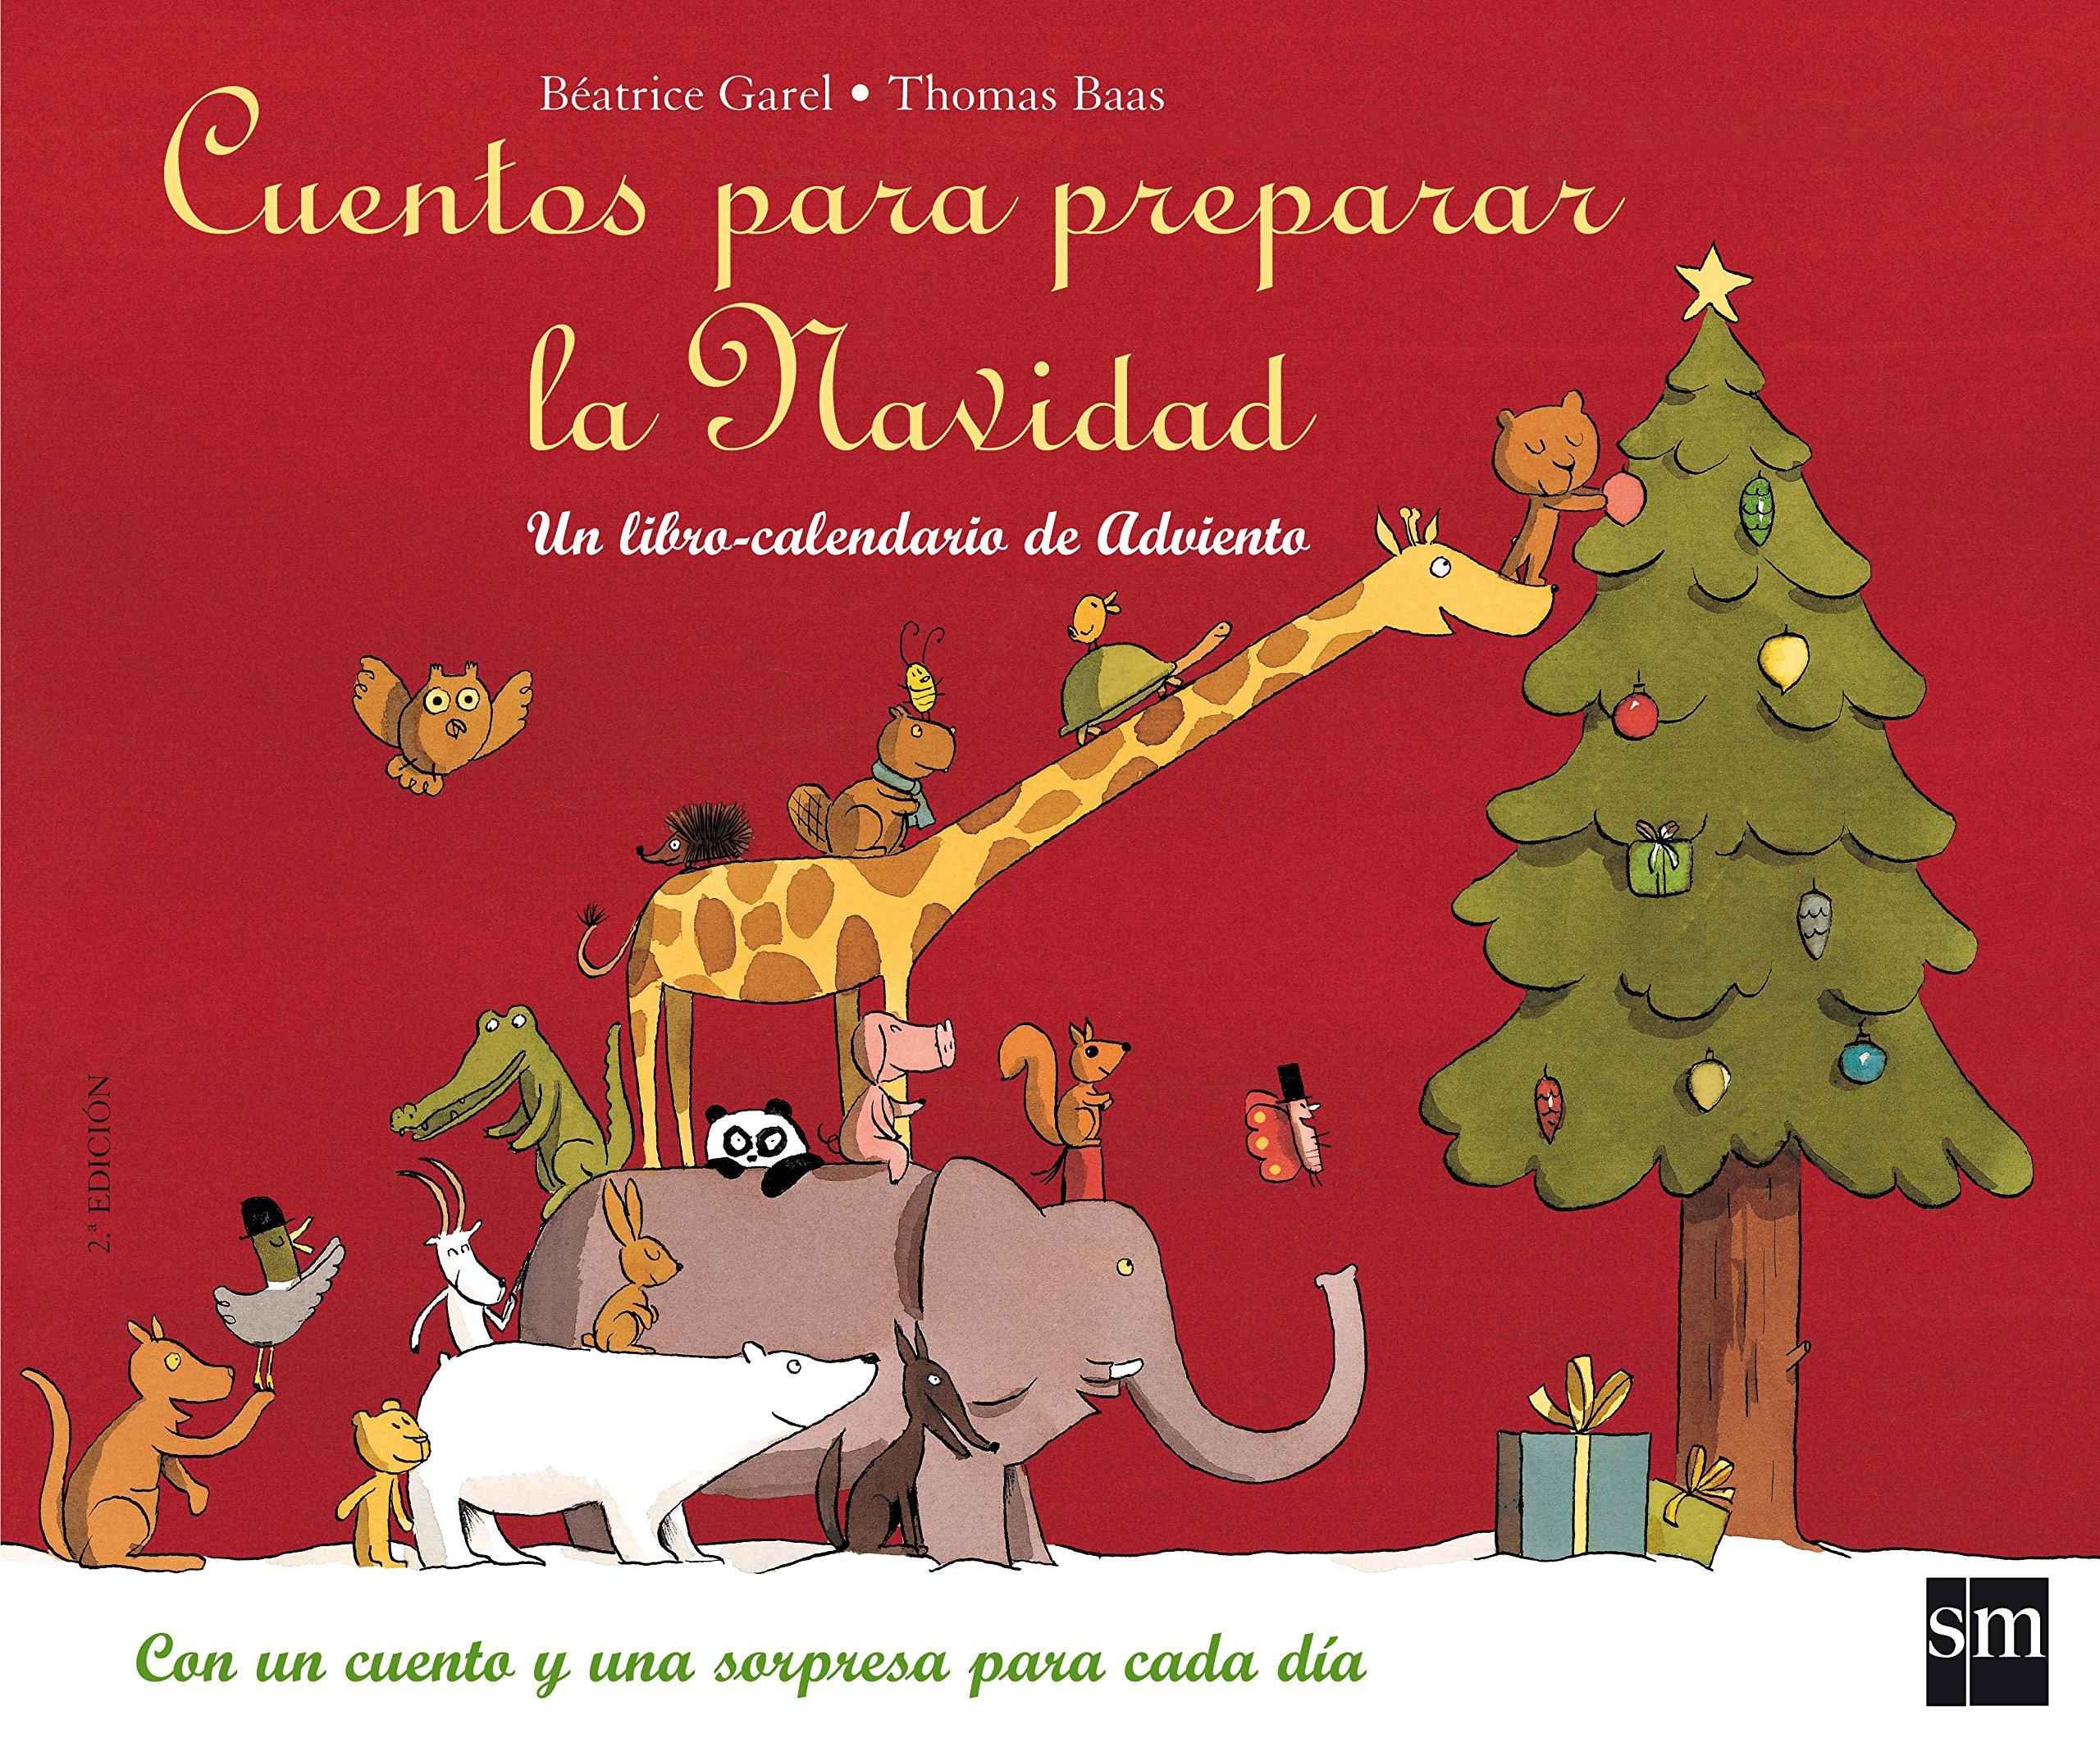 Resultado de imagen de cuentos para preparar la navidad